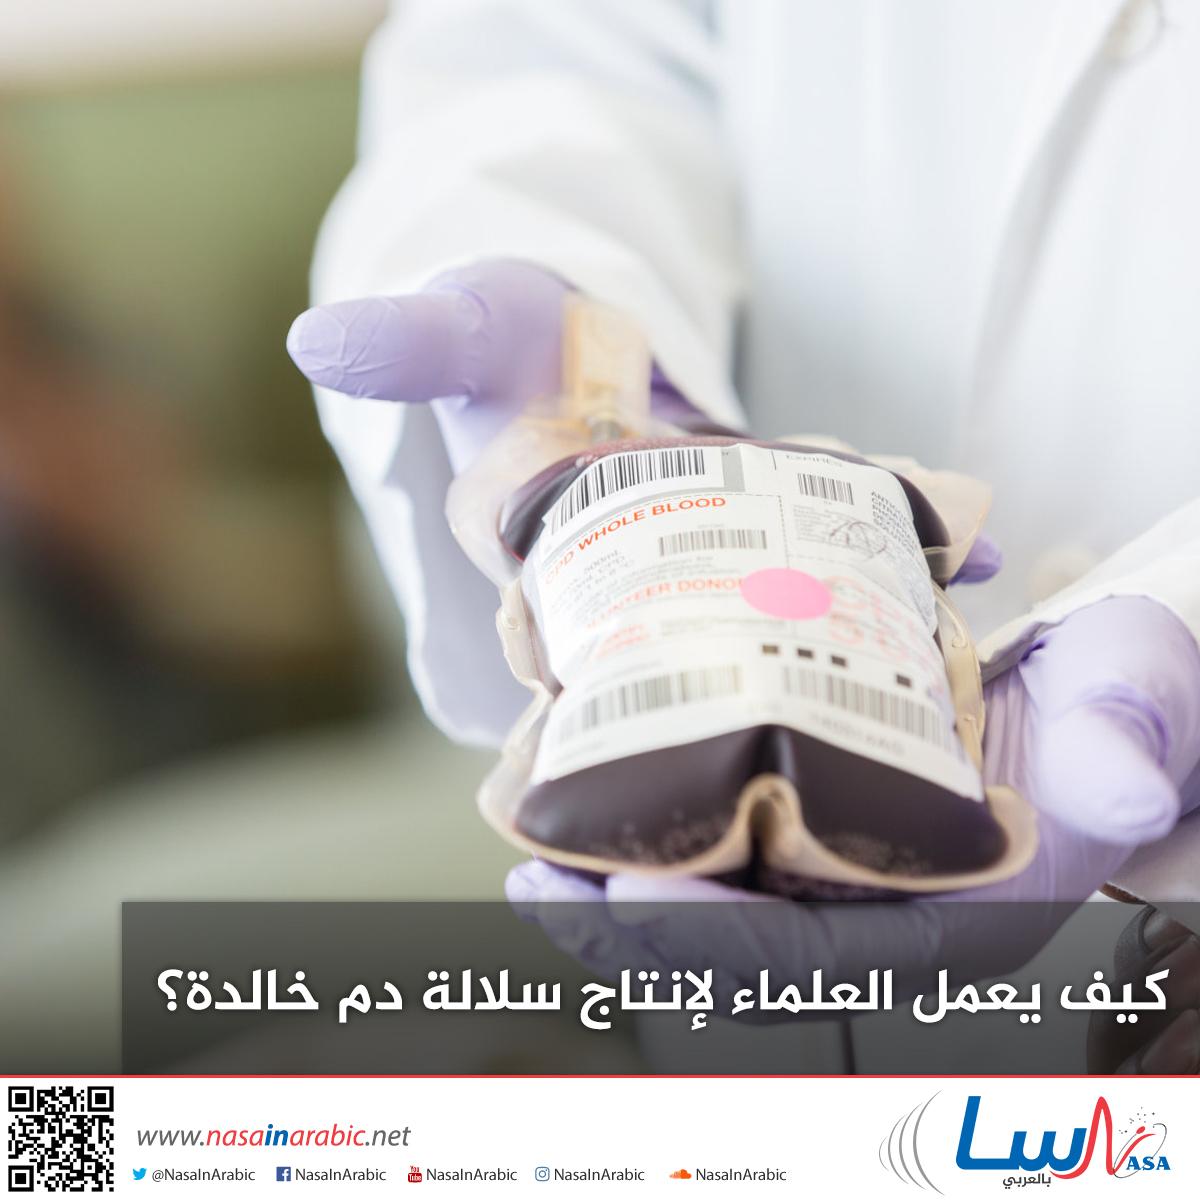 كيف يعمل العلماء لإنتاج سلالة دم خالدة؟